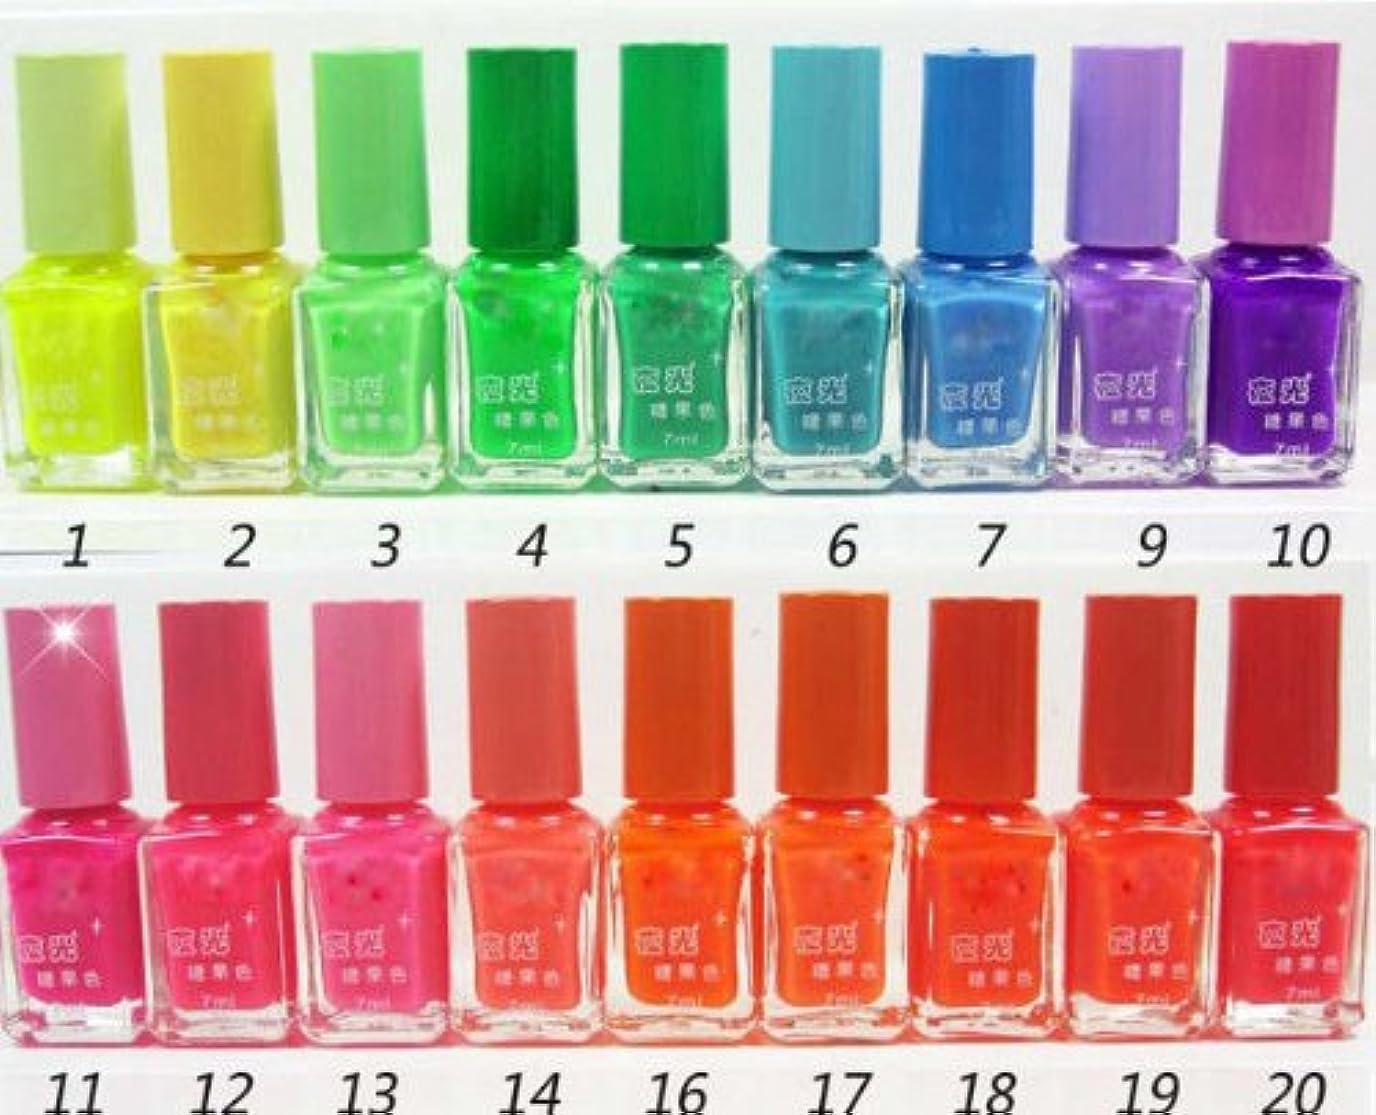 コアプロフェッショナル戻る1色1本のプロ7ミリリットル蛍光ネオンネイルアートポリッシュグローダークマニキュア液20色 (BK10)